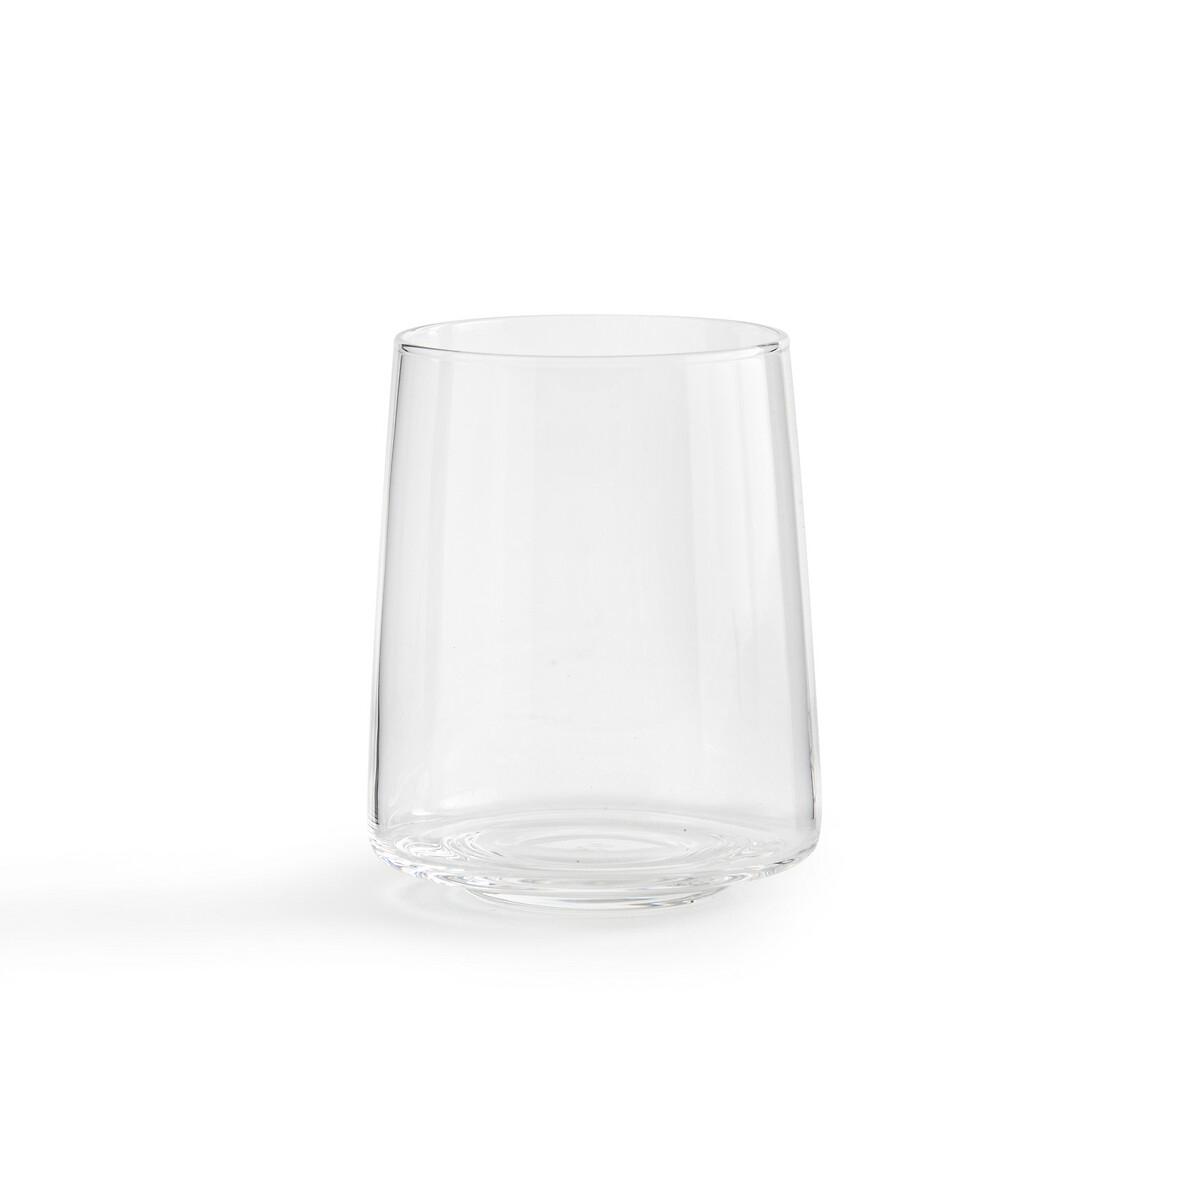 Комплект из 6 стаканов для LaRedoute Воды Manille единый размер другие набор laredoute из 6 стаканов troquet единый размер другие